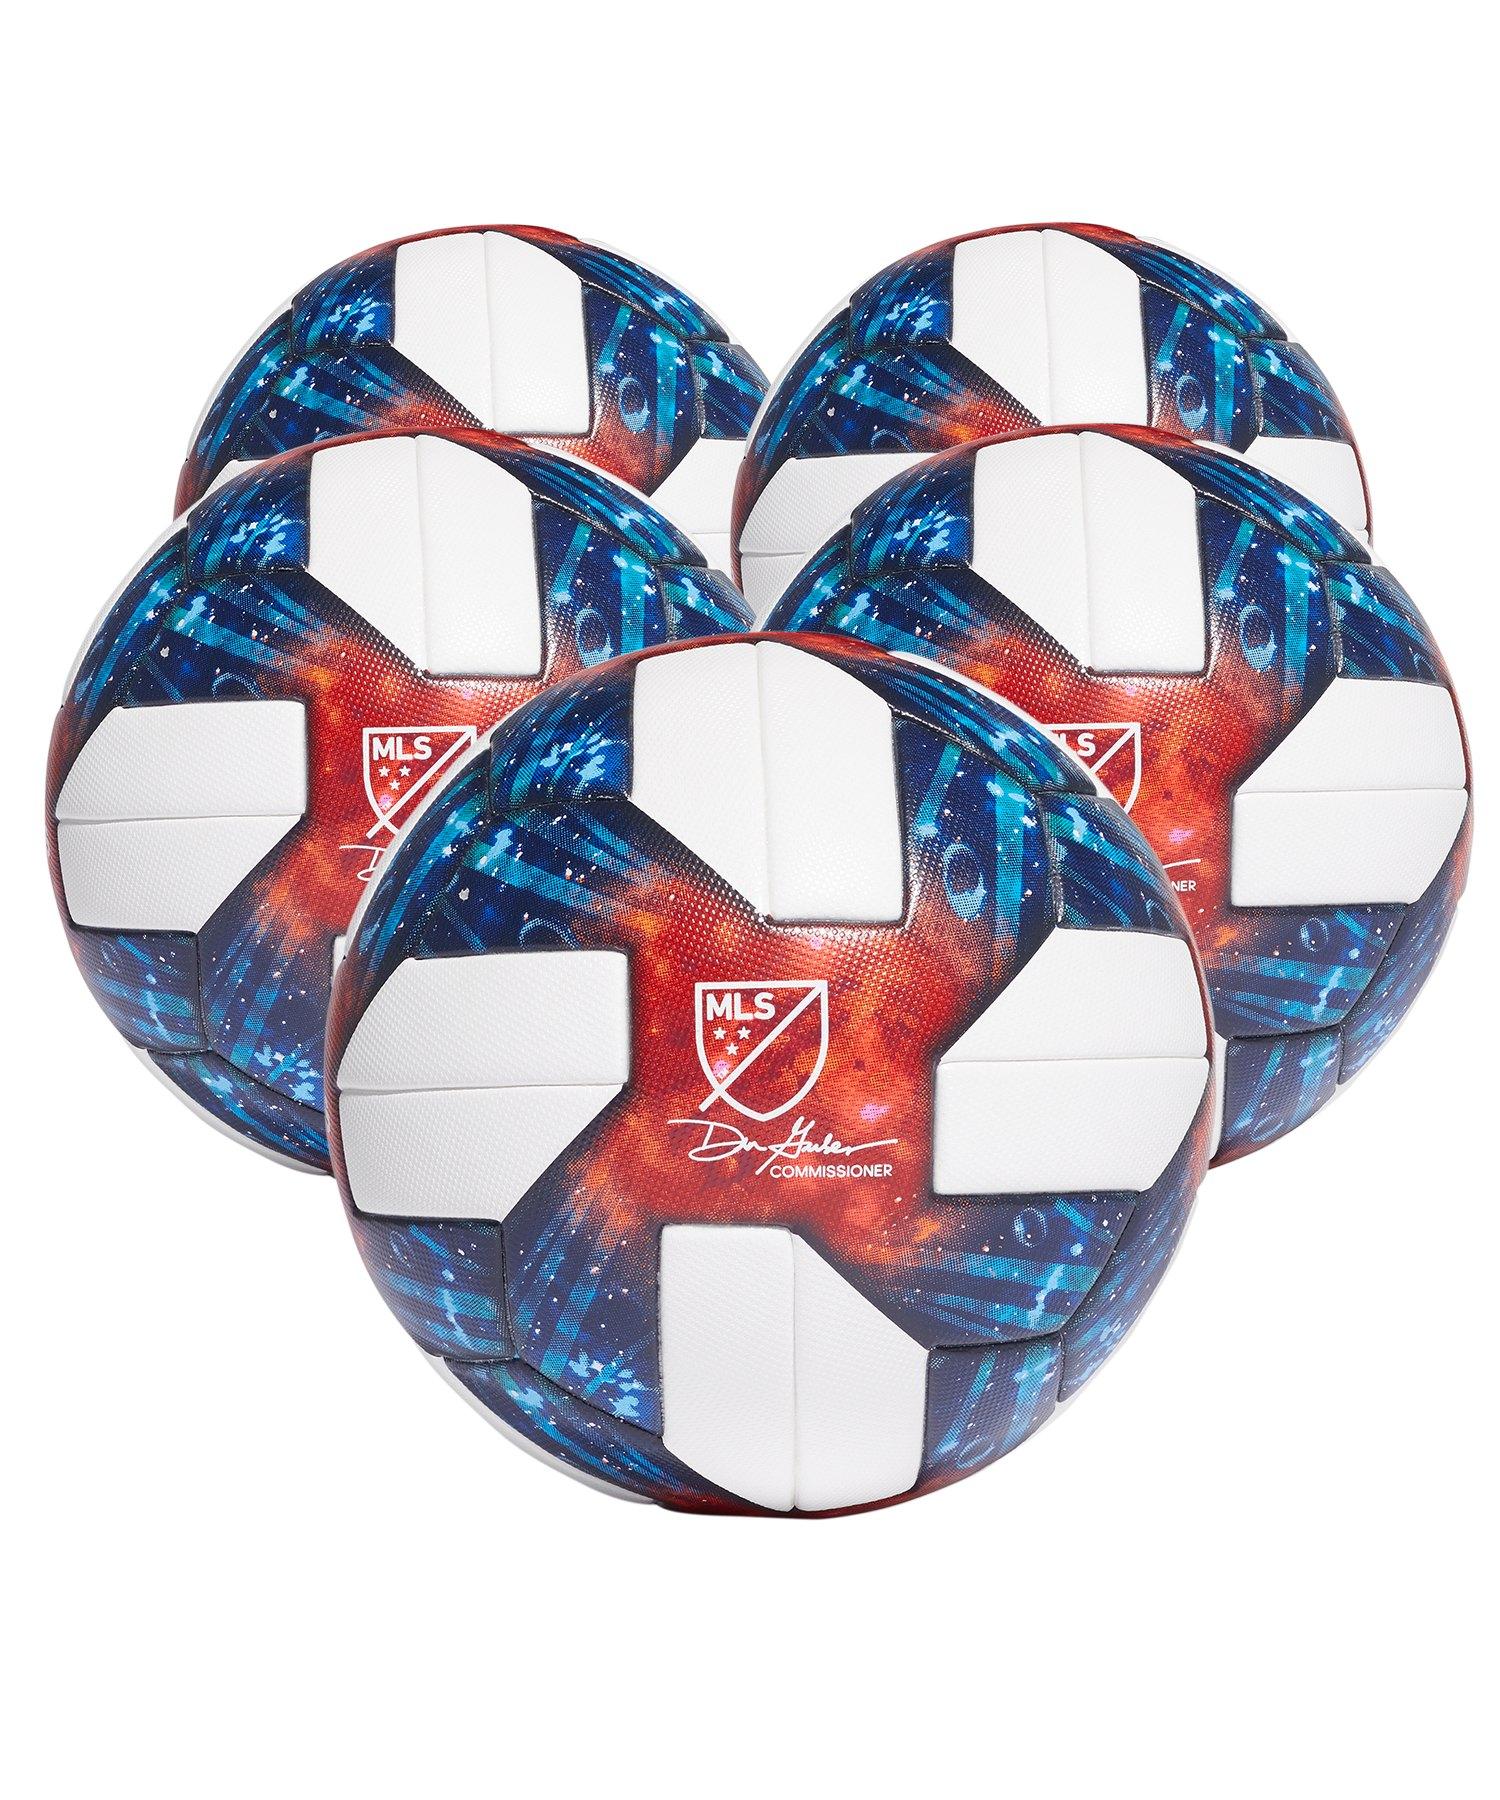 adidas MLS OMB 5x Spielball Weiss - weiss